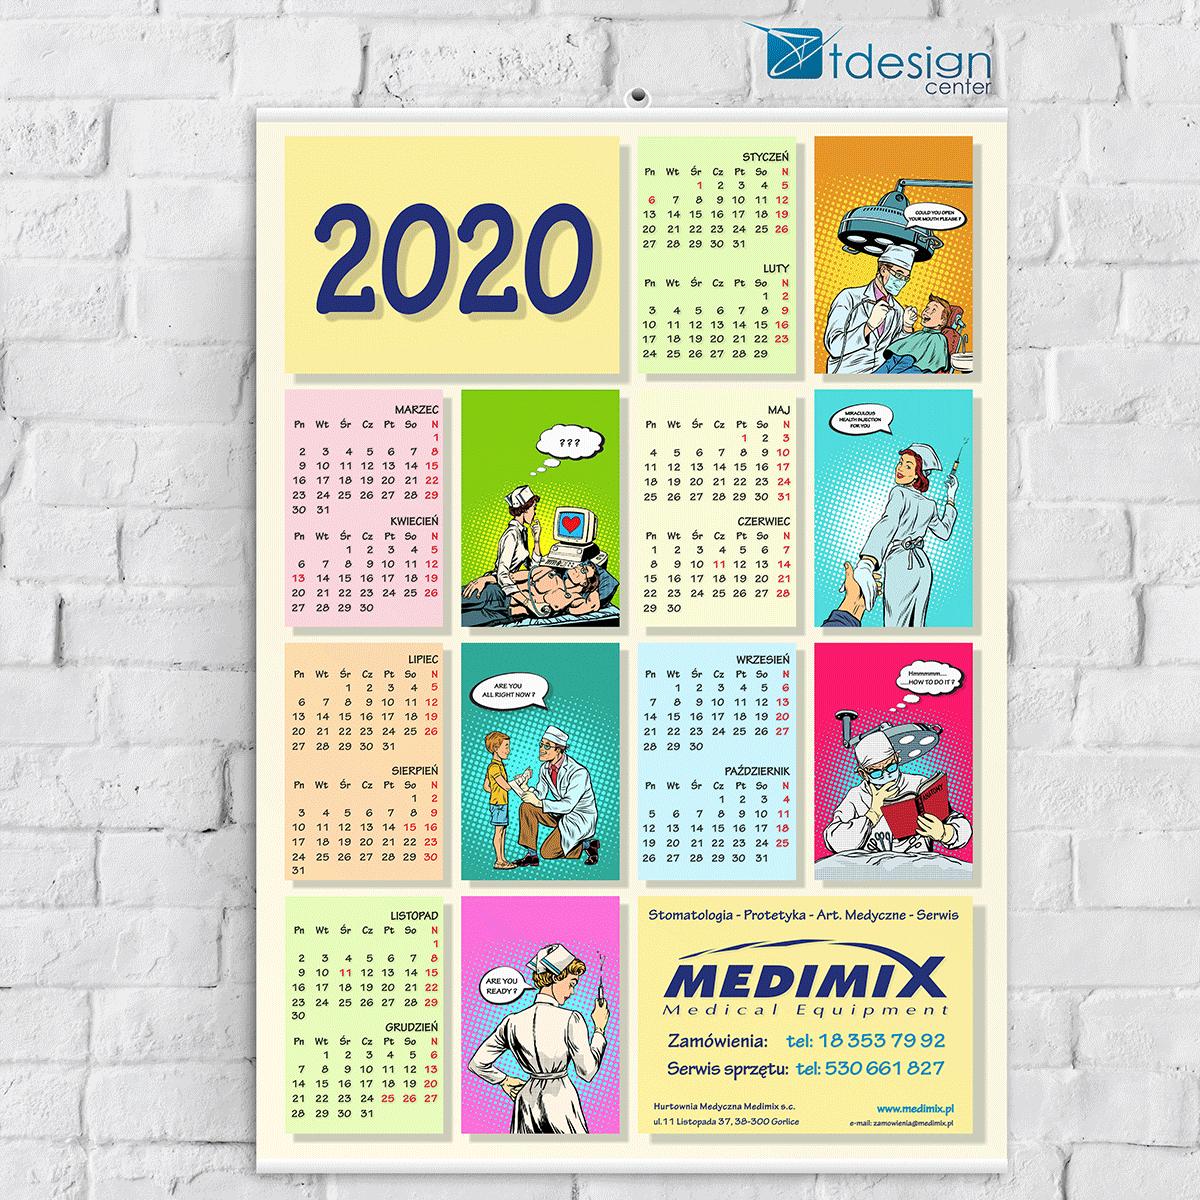 Kalendarz ścienny A1 - druk wykonany dla firmy Medimix